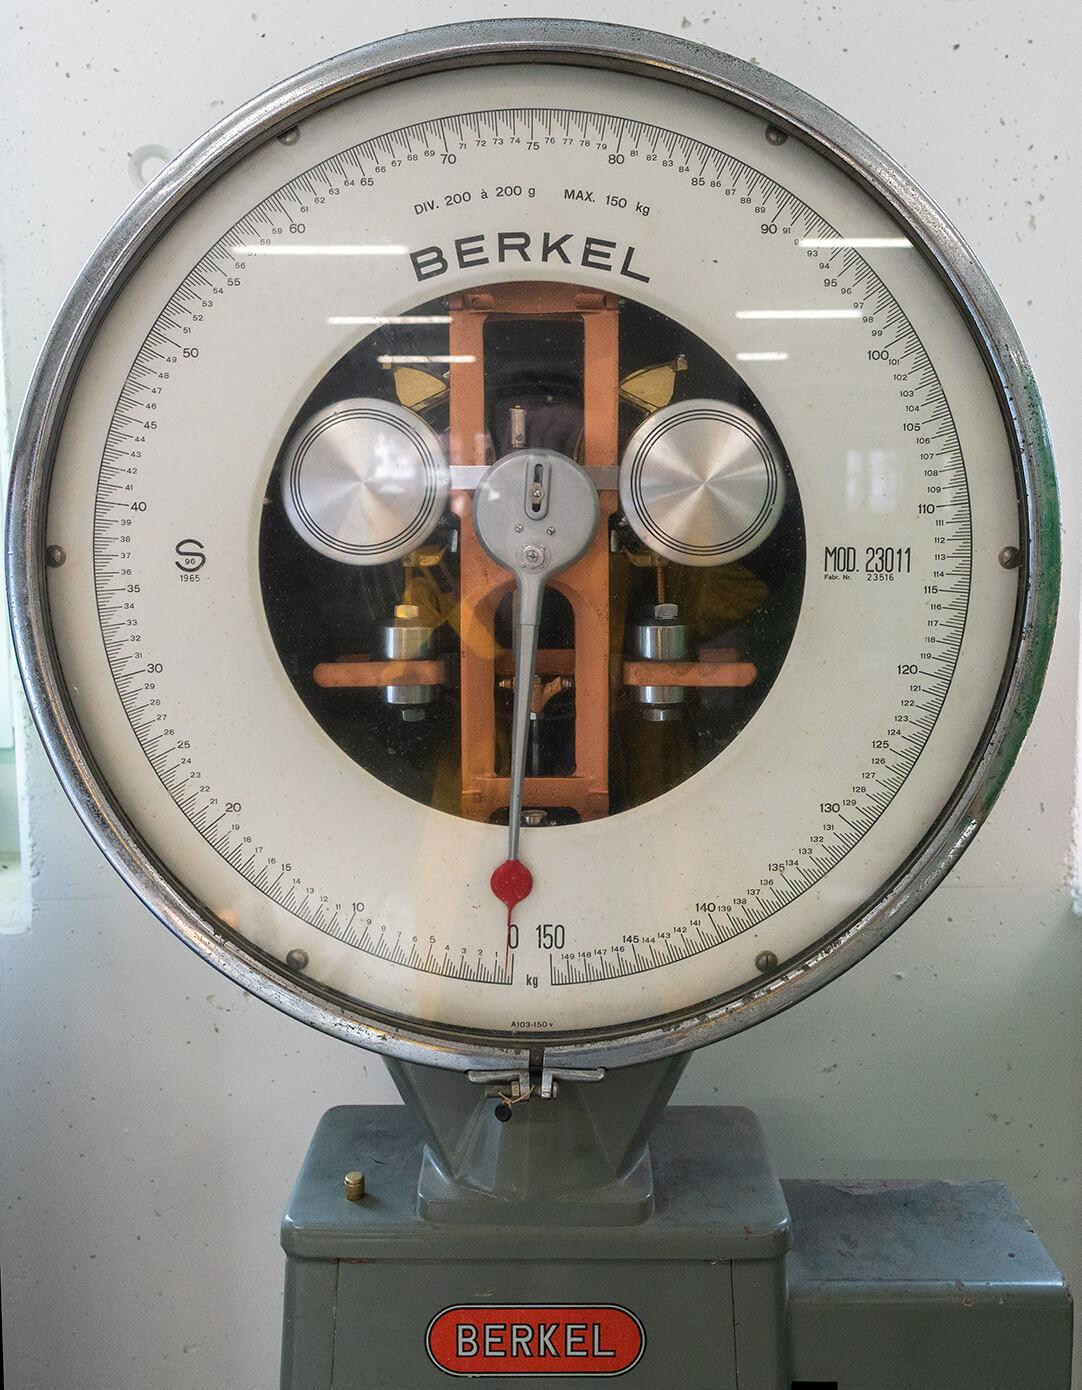 Leutwyler Kühlanlagen AG Zertifikate Berkel alte Uhr